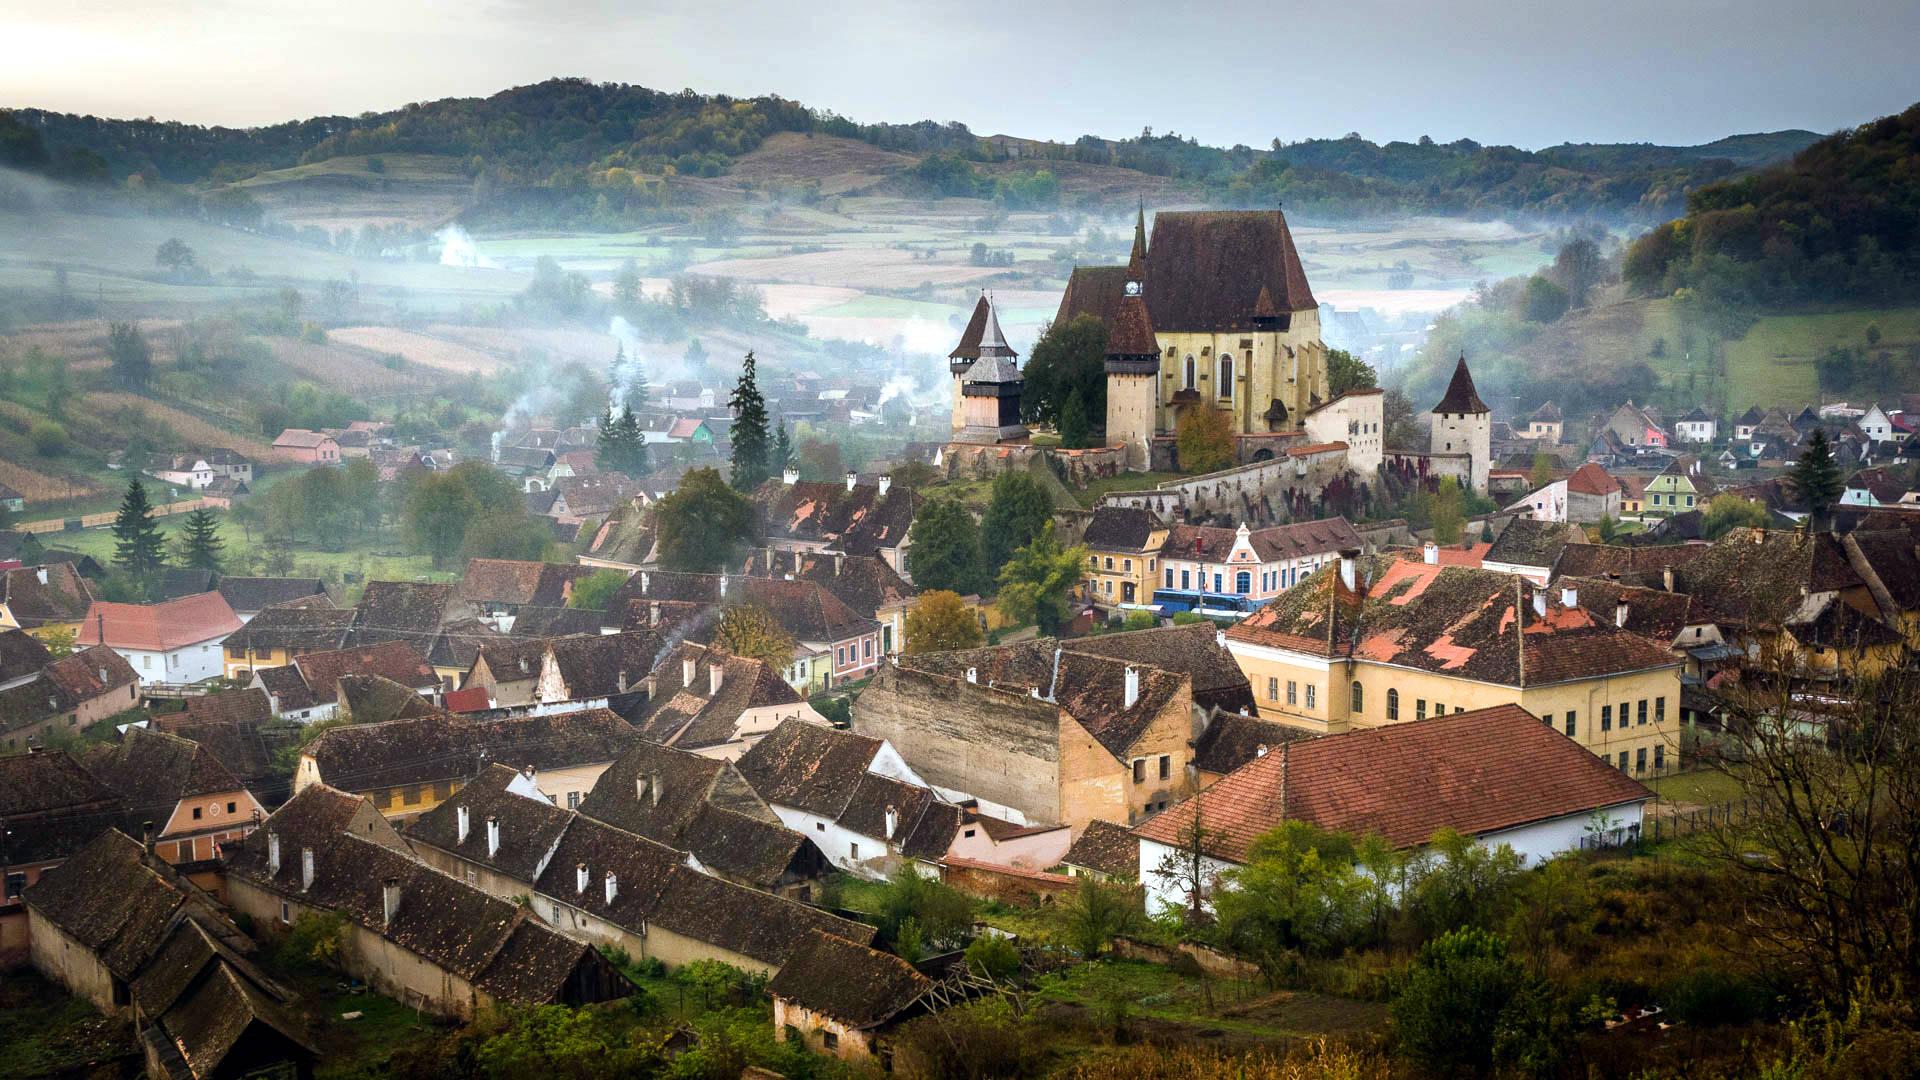 Biertan w Transylwanii. Daniel Rosca/ Wikimedia Commons. CC BY 3.0.